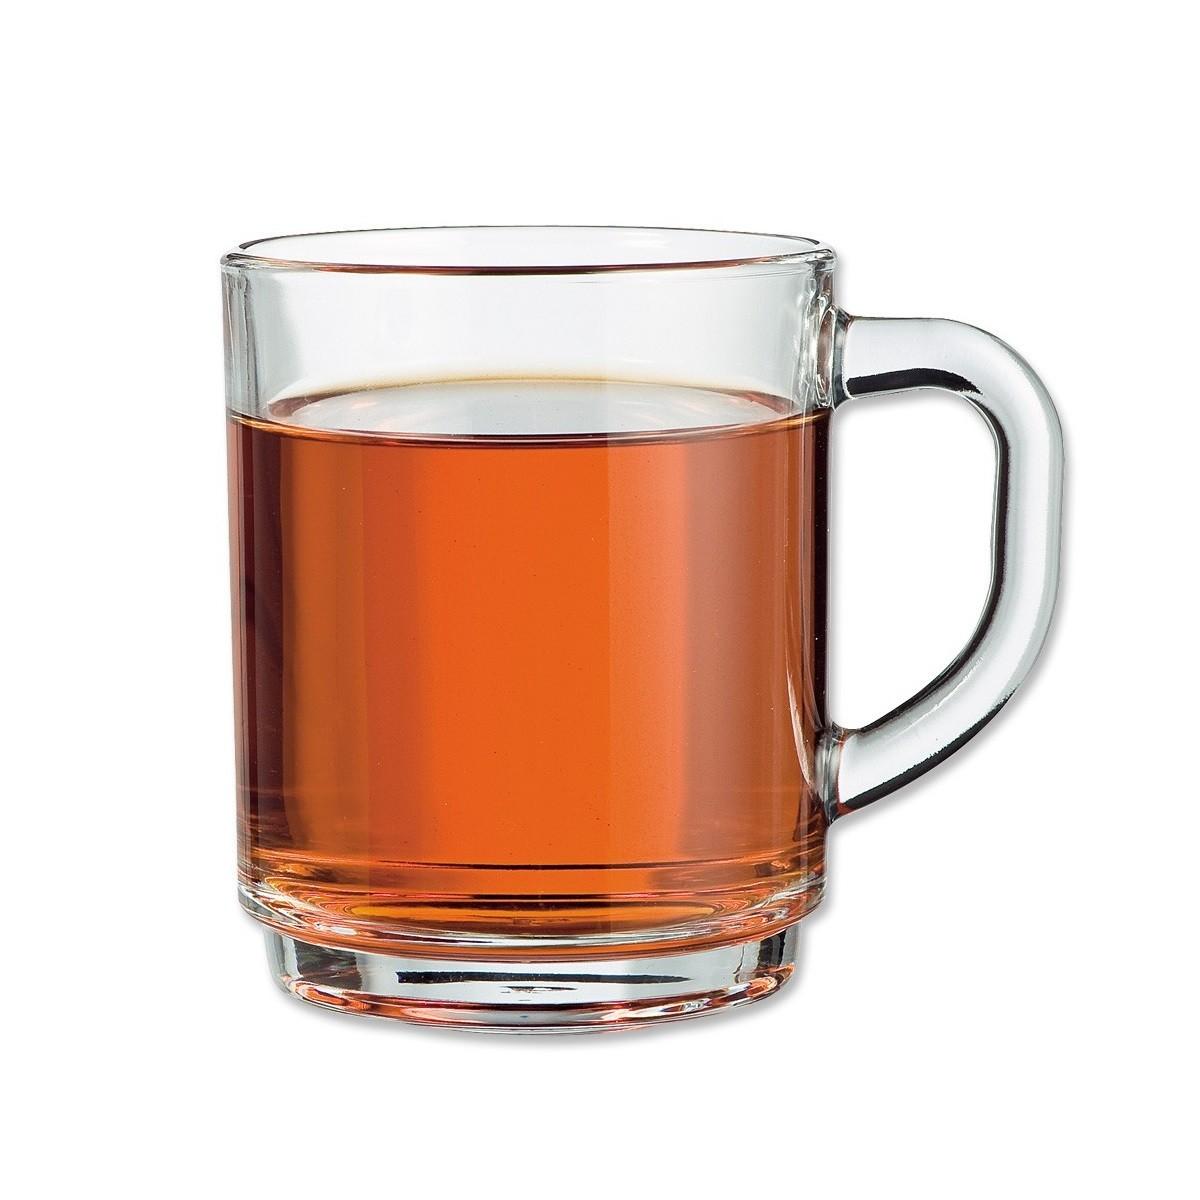 طقم اكواب شاي فرنسيه ٦ قطعة 8097